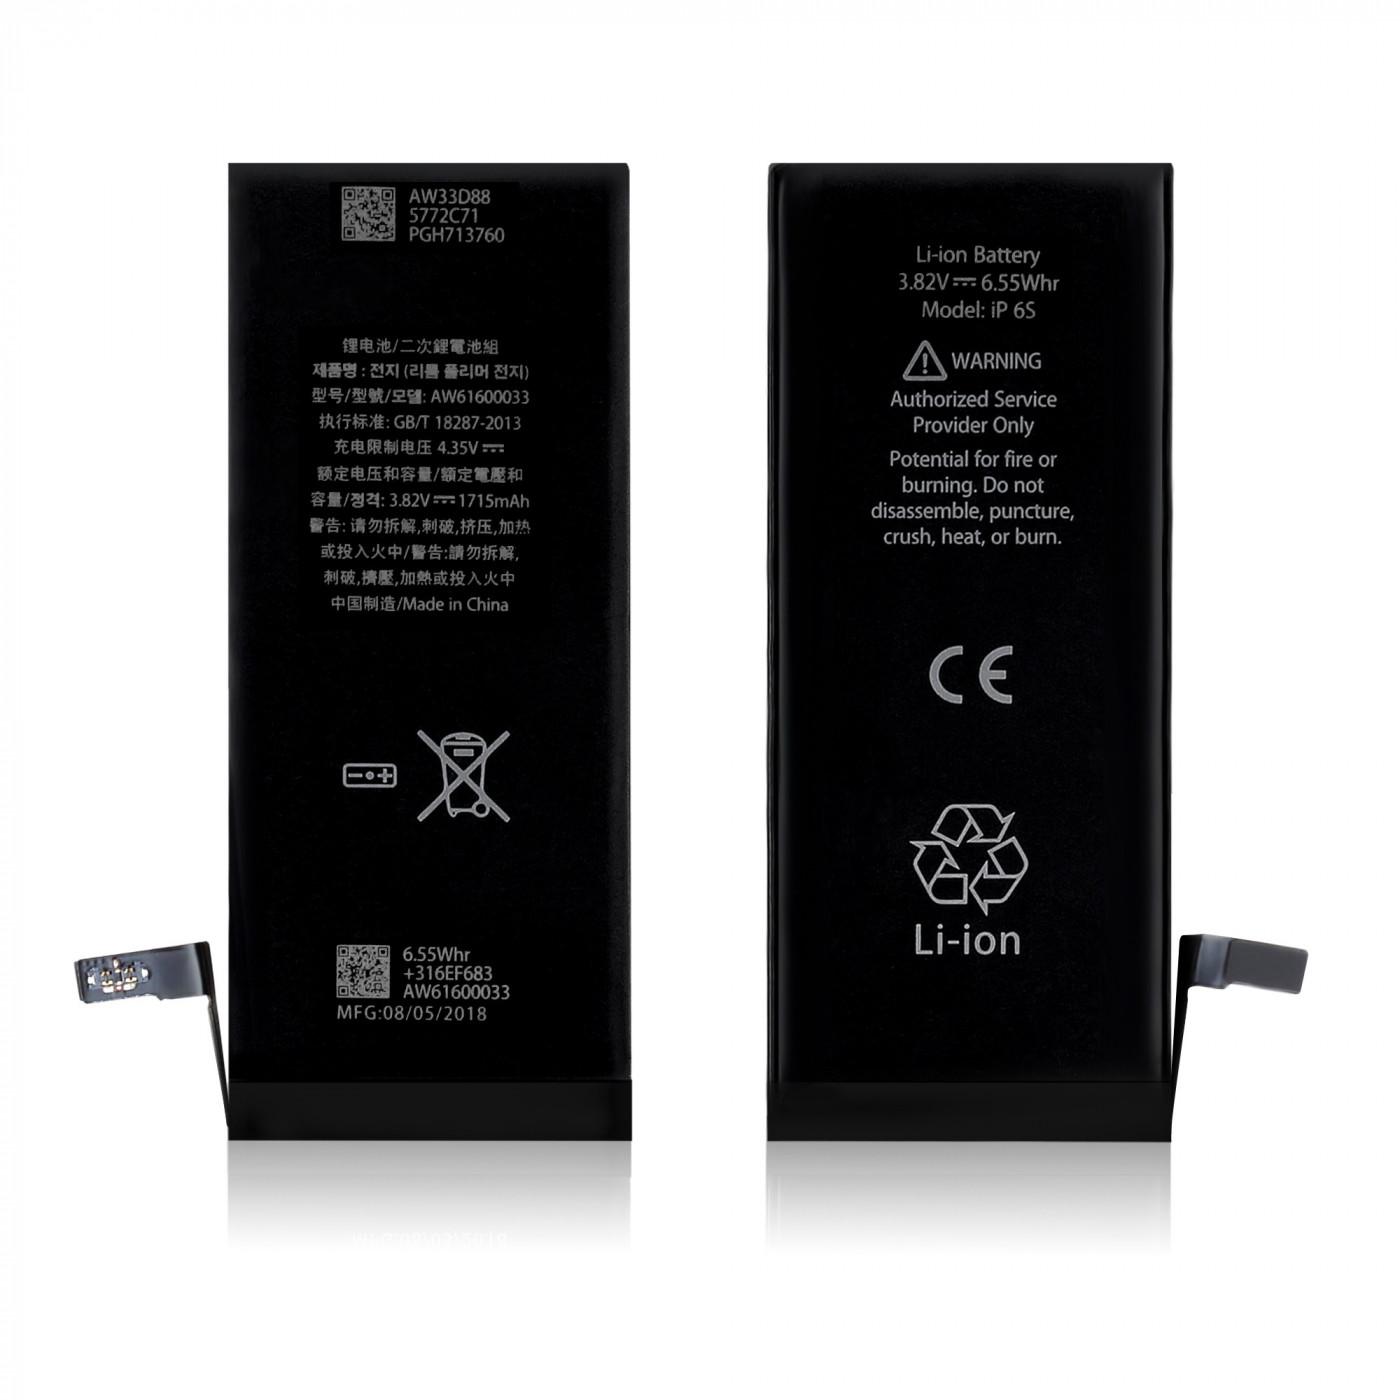 Batería de repuesto para apple iphone 6S 1715 mAh